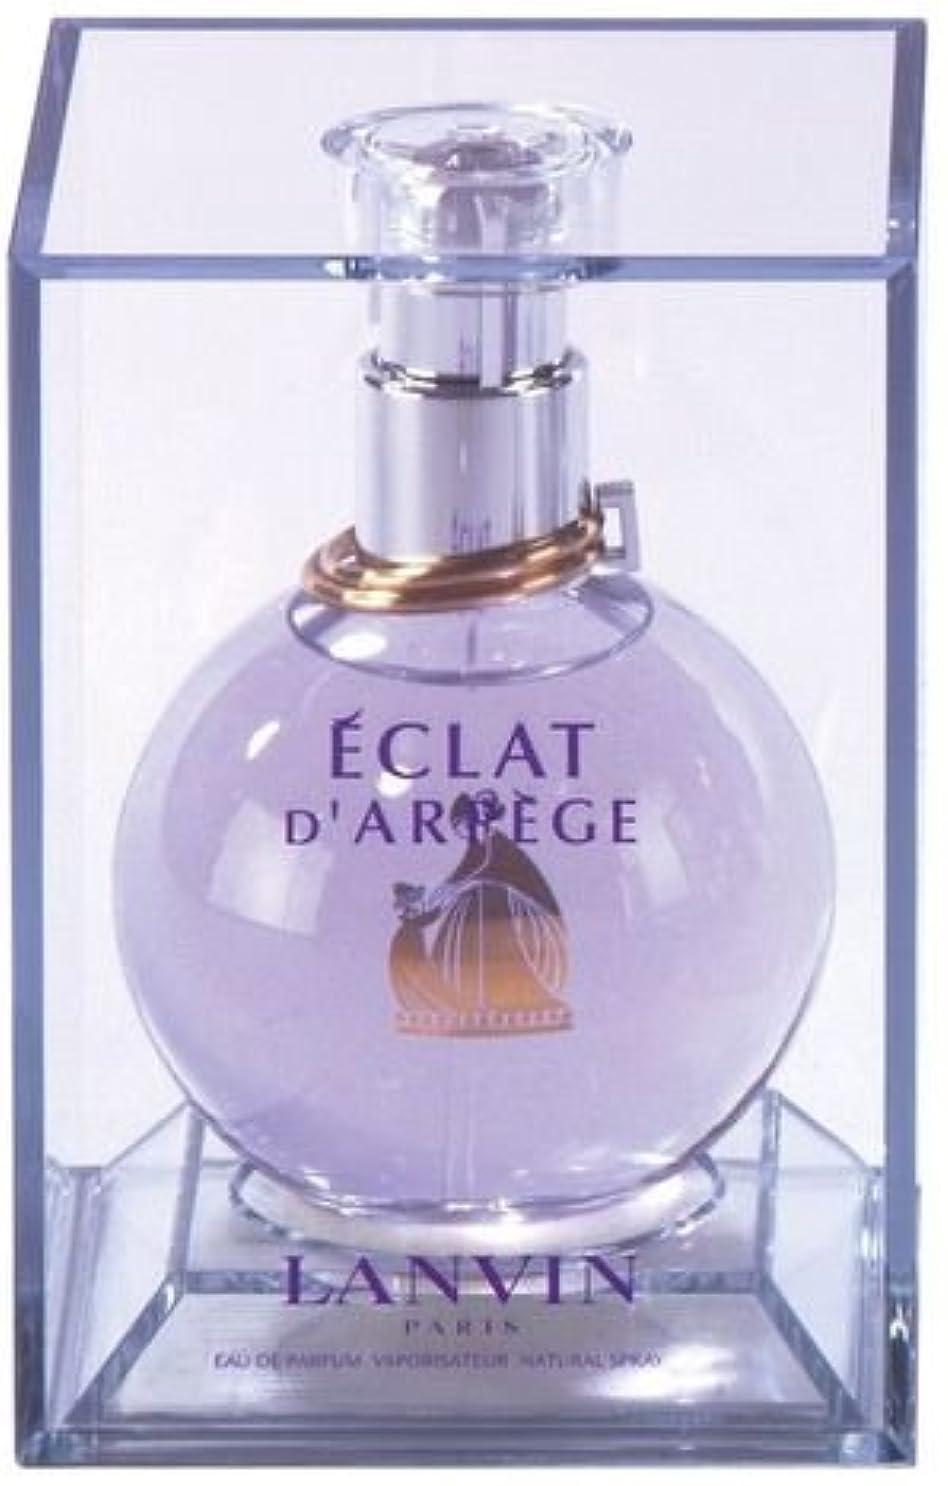 出来事概してにやにやランバン エクラ ドゥ アルページュ オードパルファム EDP 50mL 香水